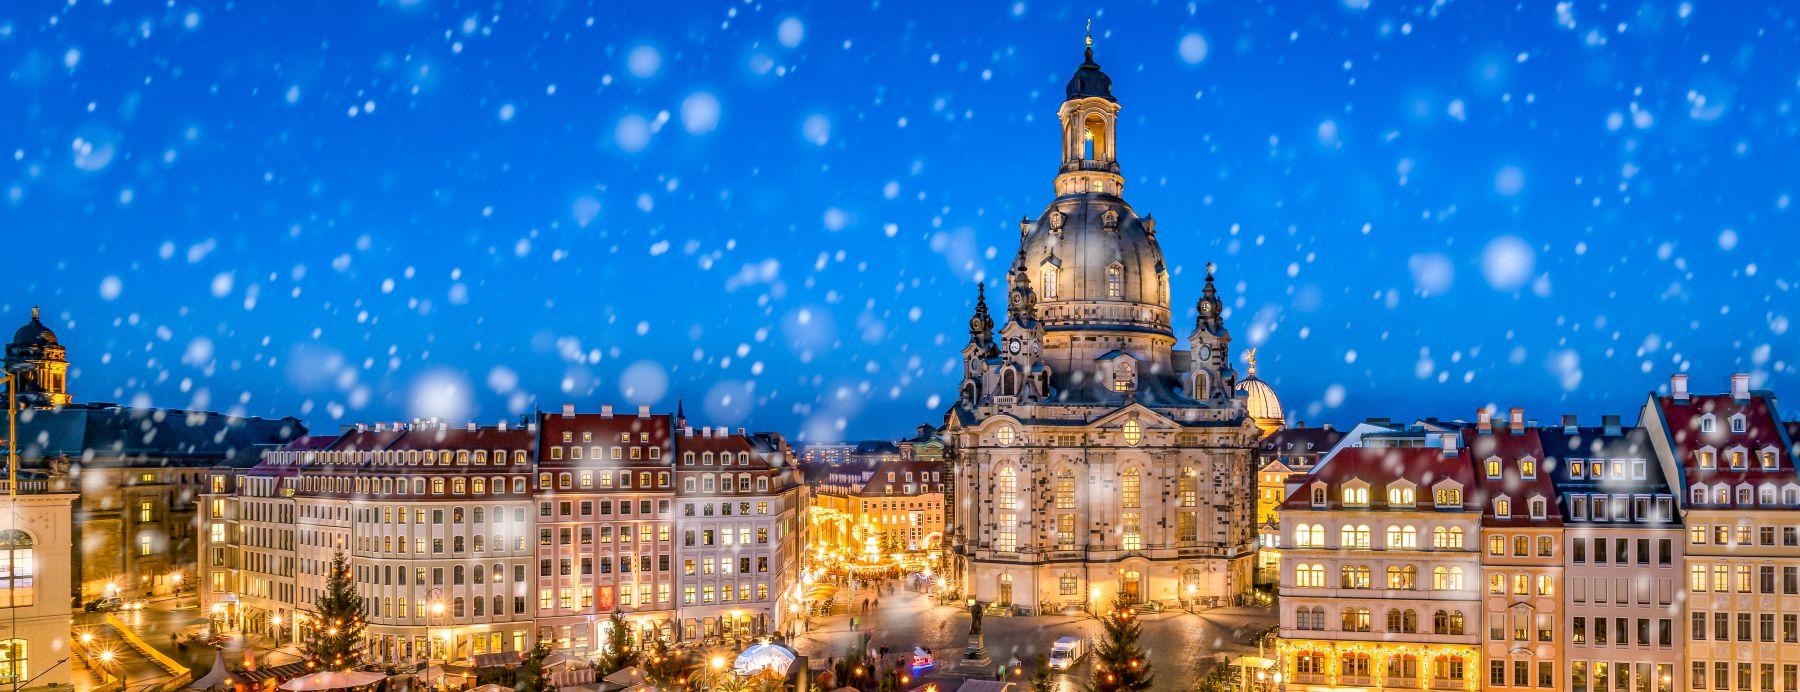 Altstadt Dresden mit Frauenkirche und Herrnhuter Stern in der Kuppel